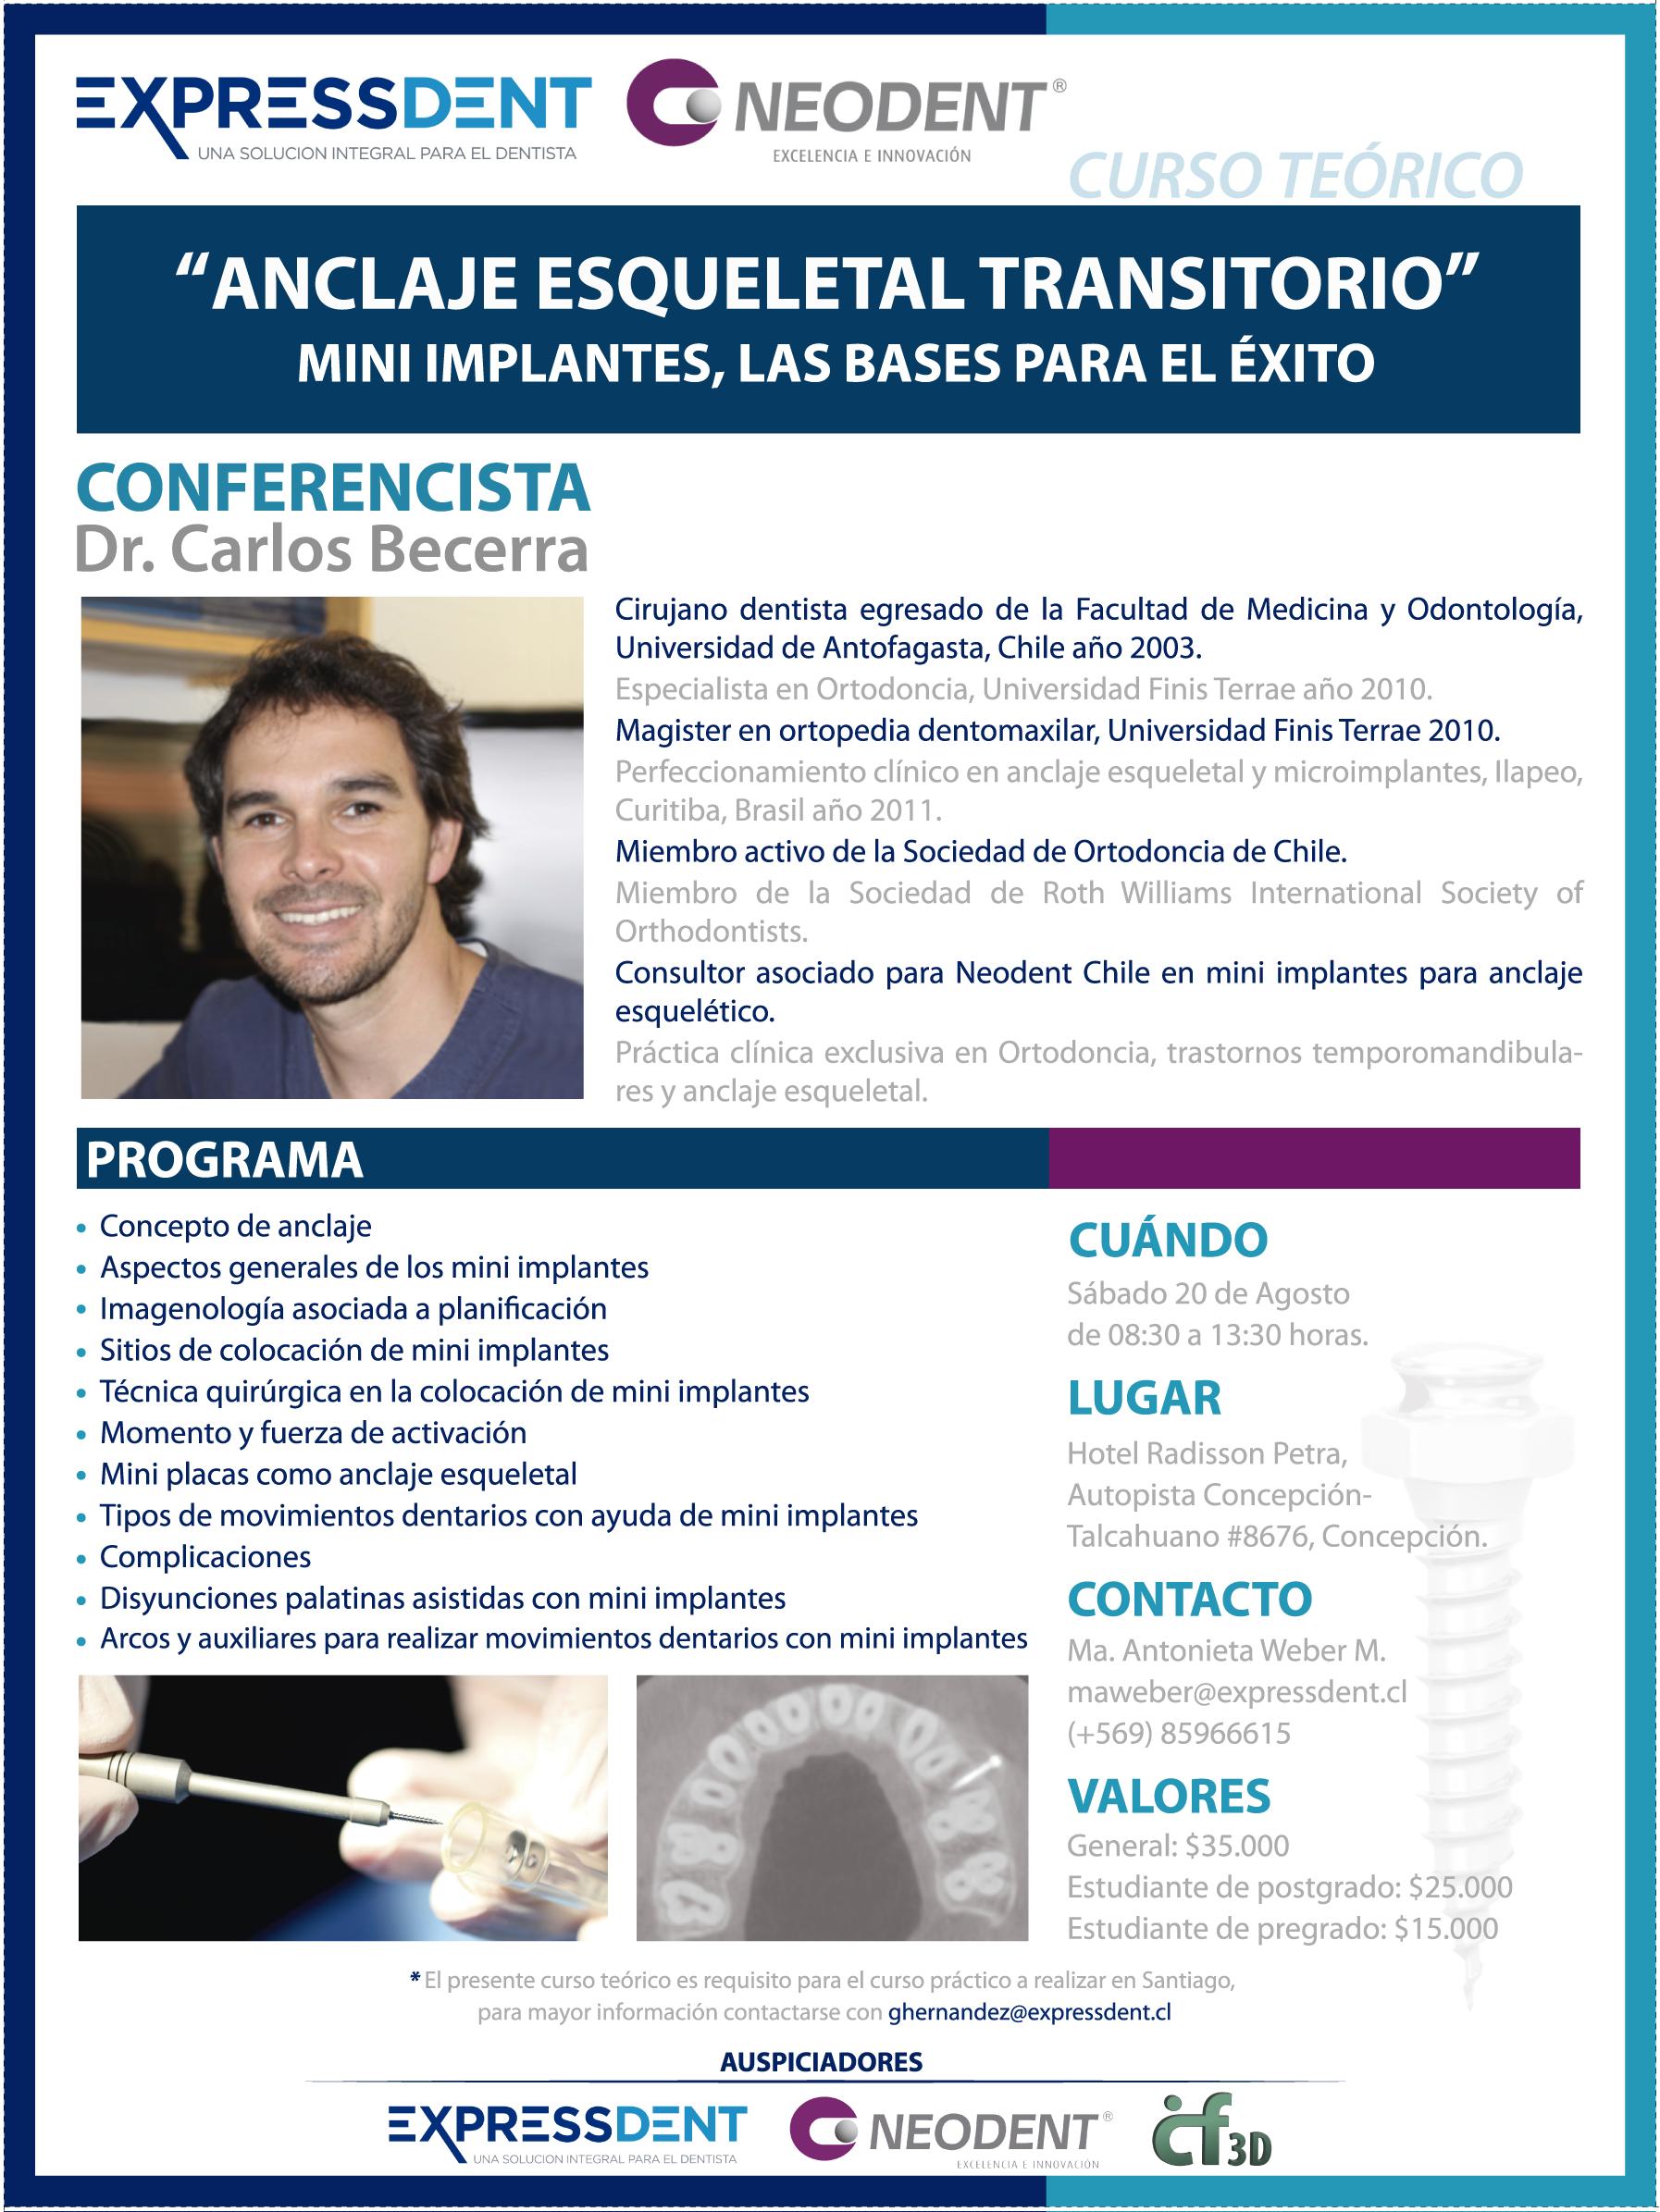 dr_carlos-becerra